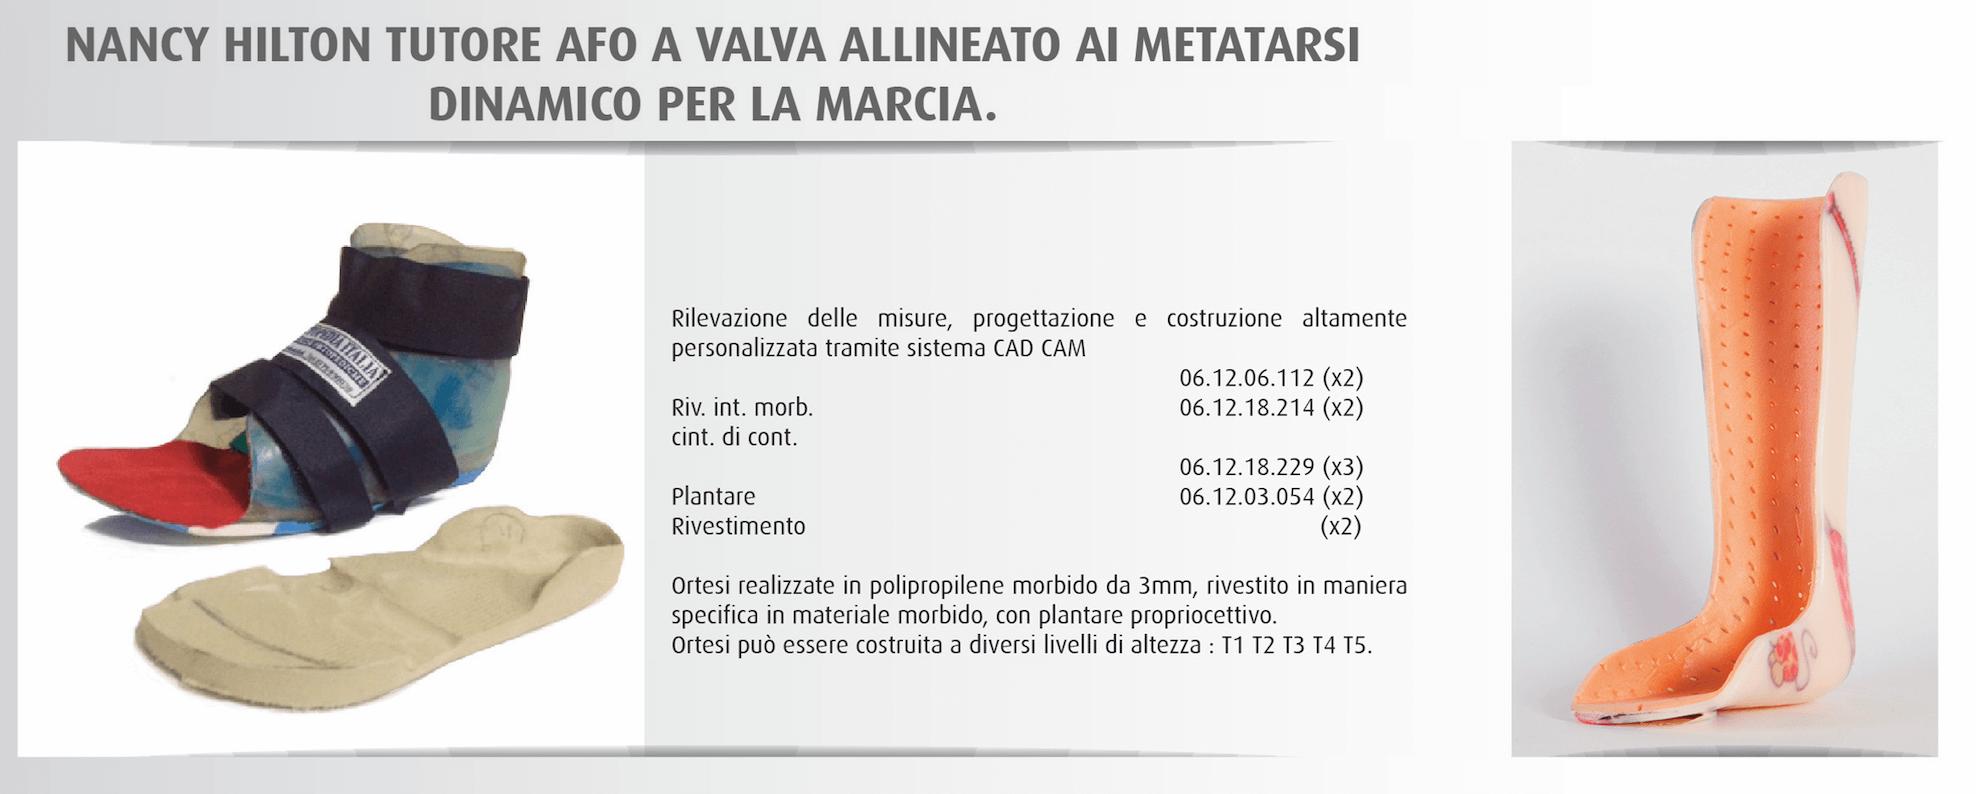 Tutore AFO a Valva - Officine-Ortopediche.com